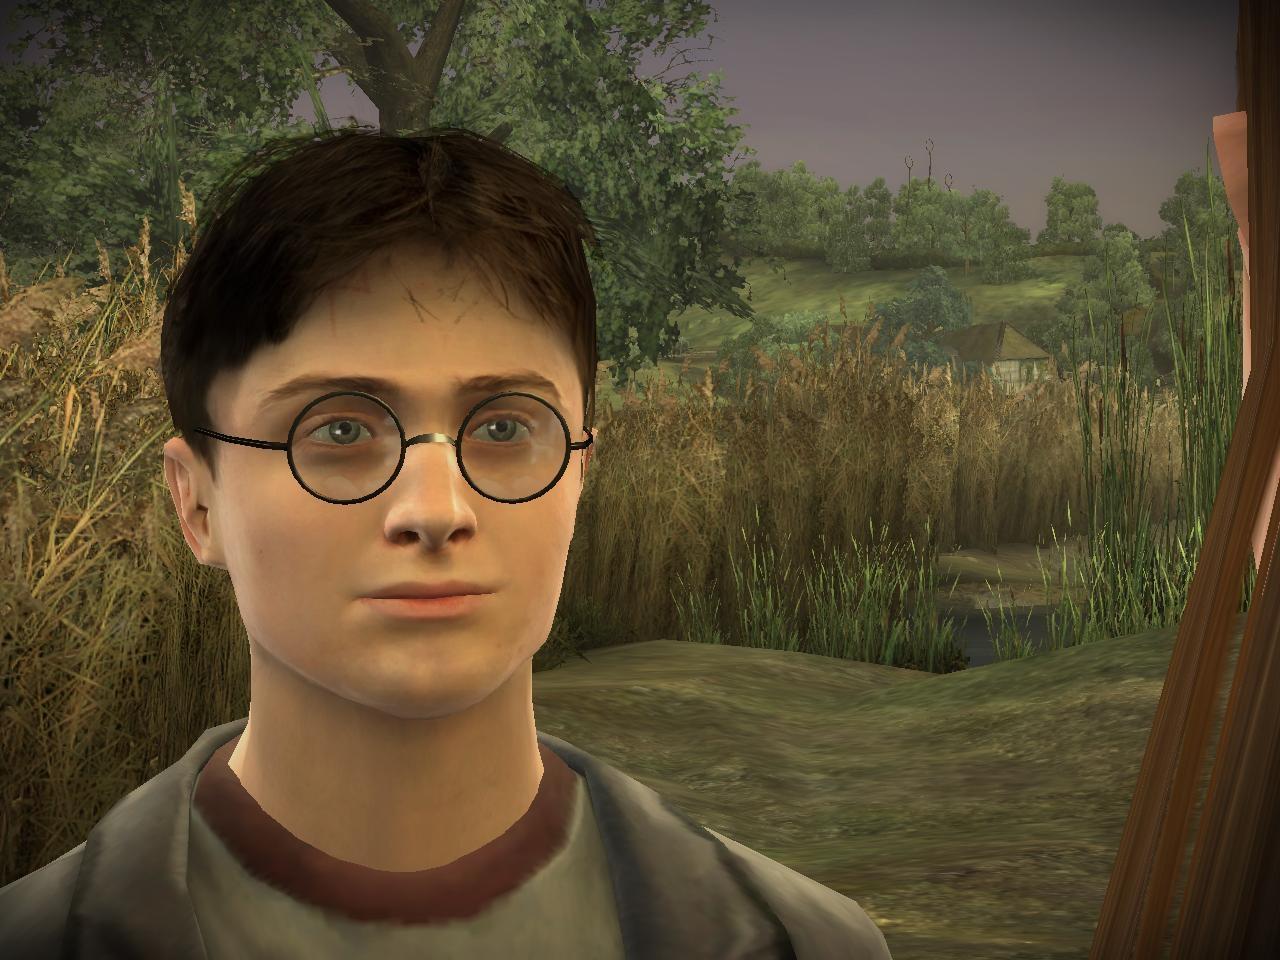 Игра гарри поттер принц полукровка 12 фотография